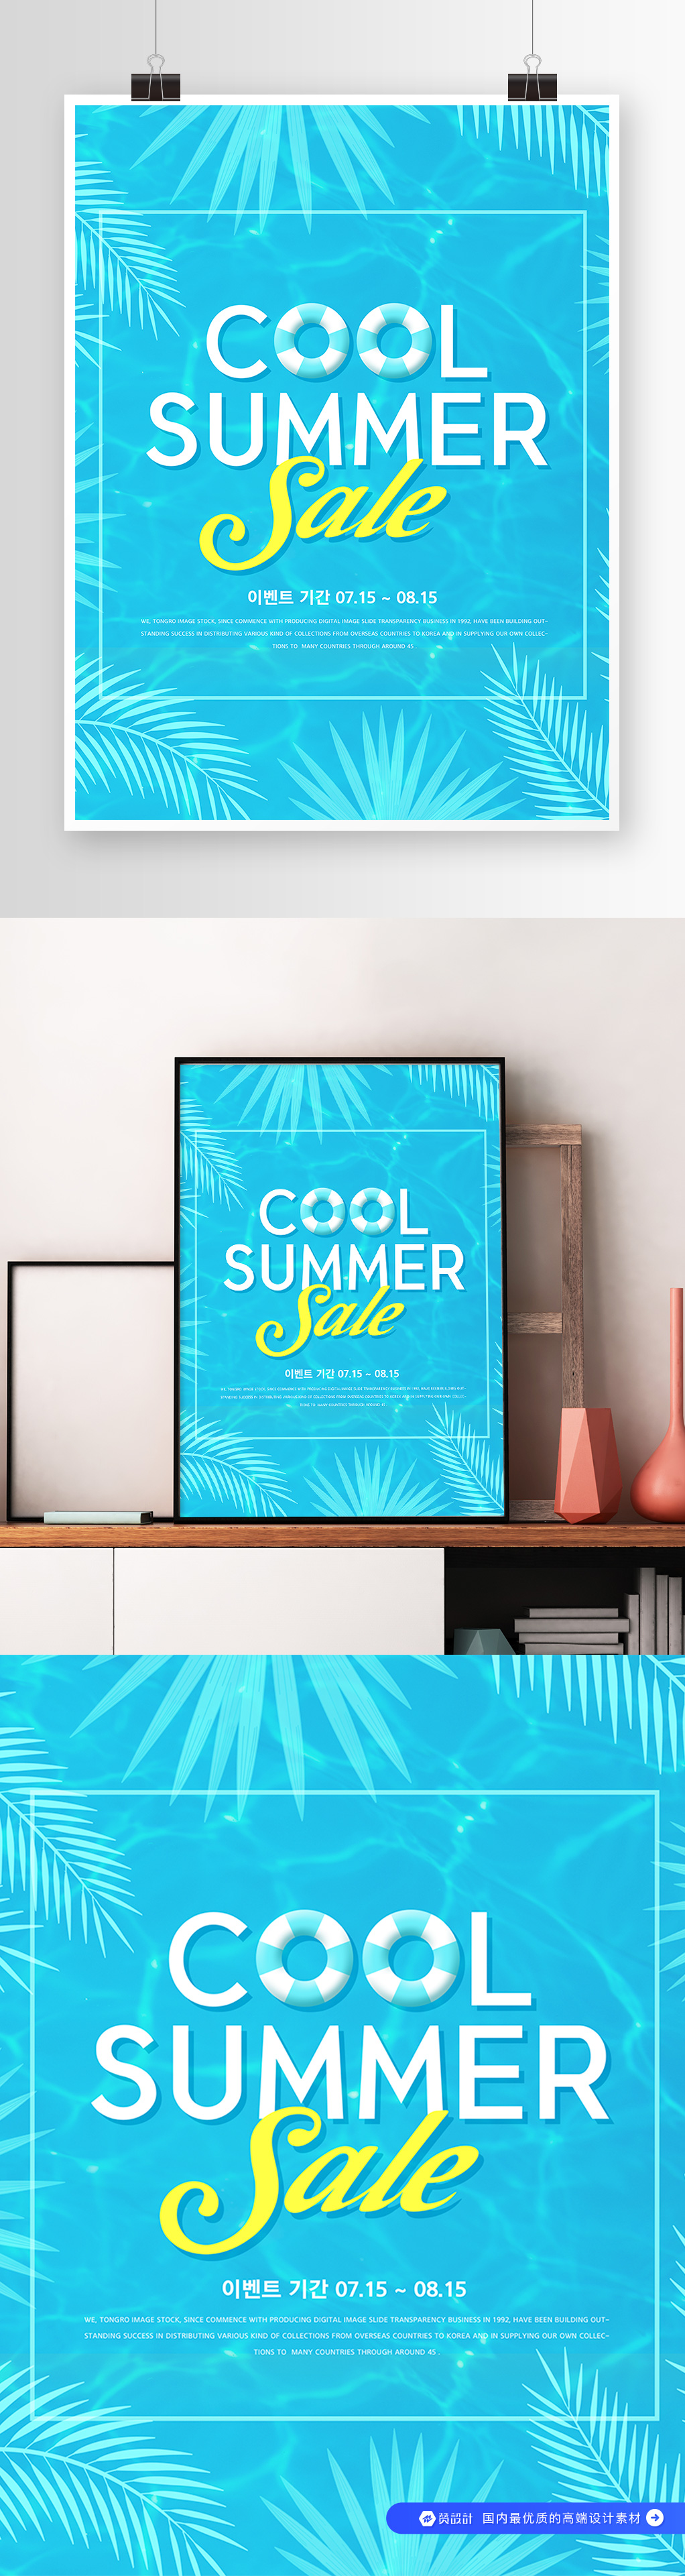 夏季海滩游玩促销海报素材 (3)